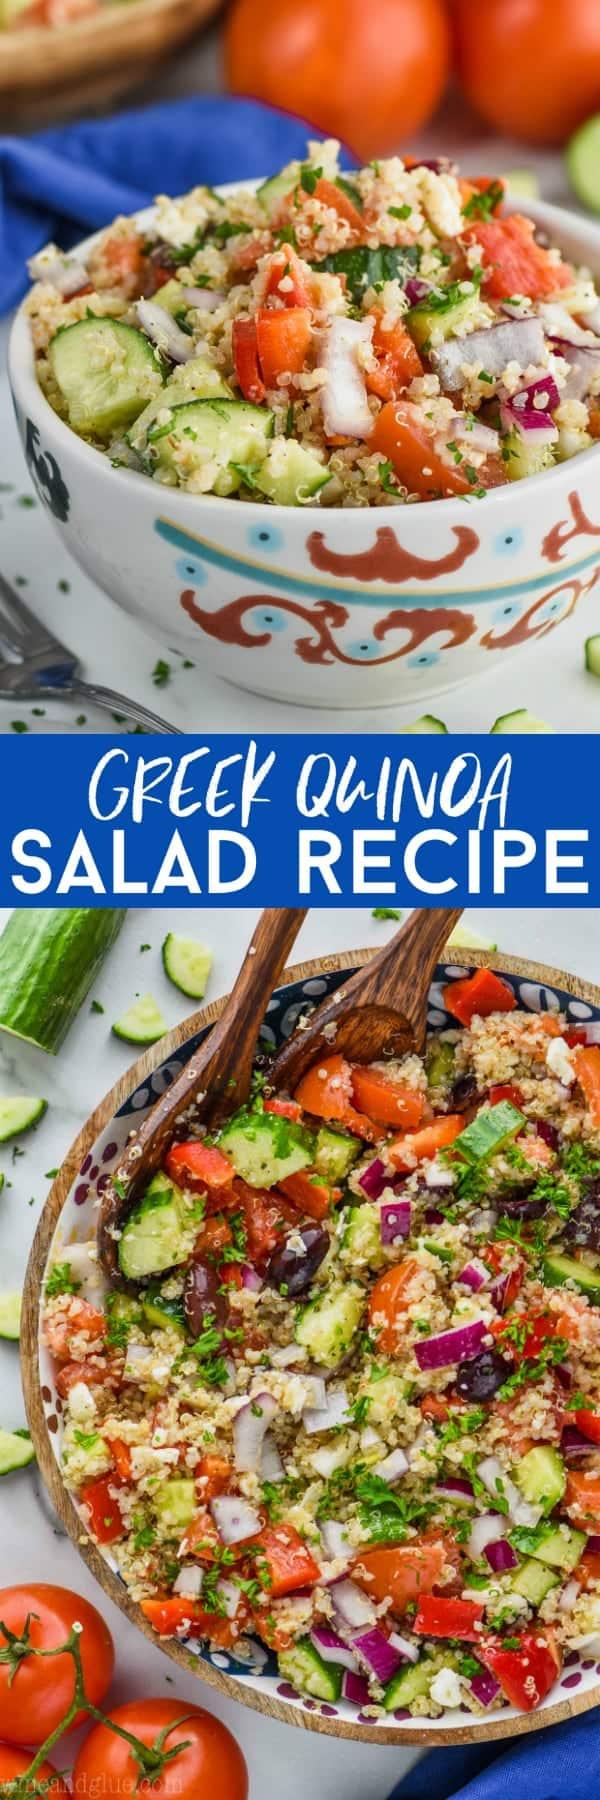 collage of greek quinoa salad recipe